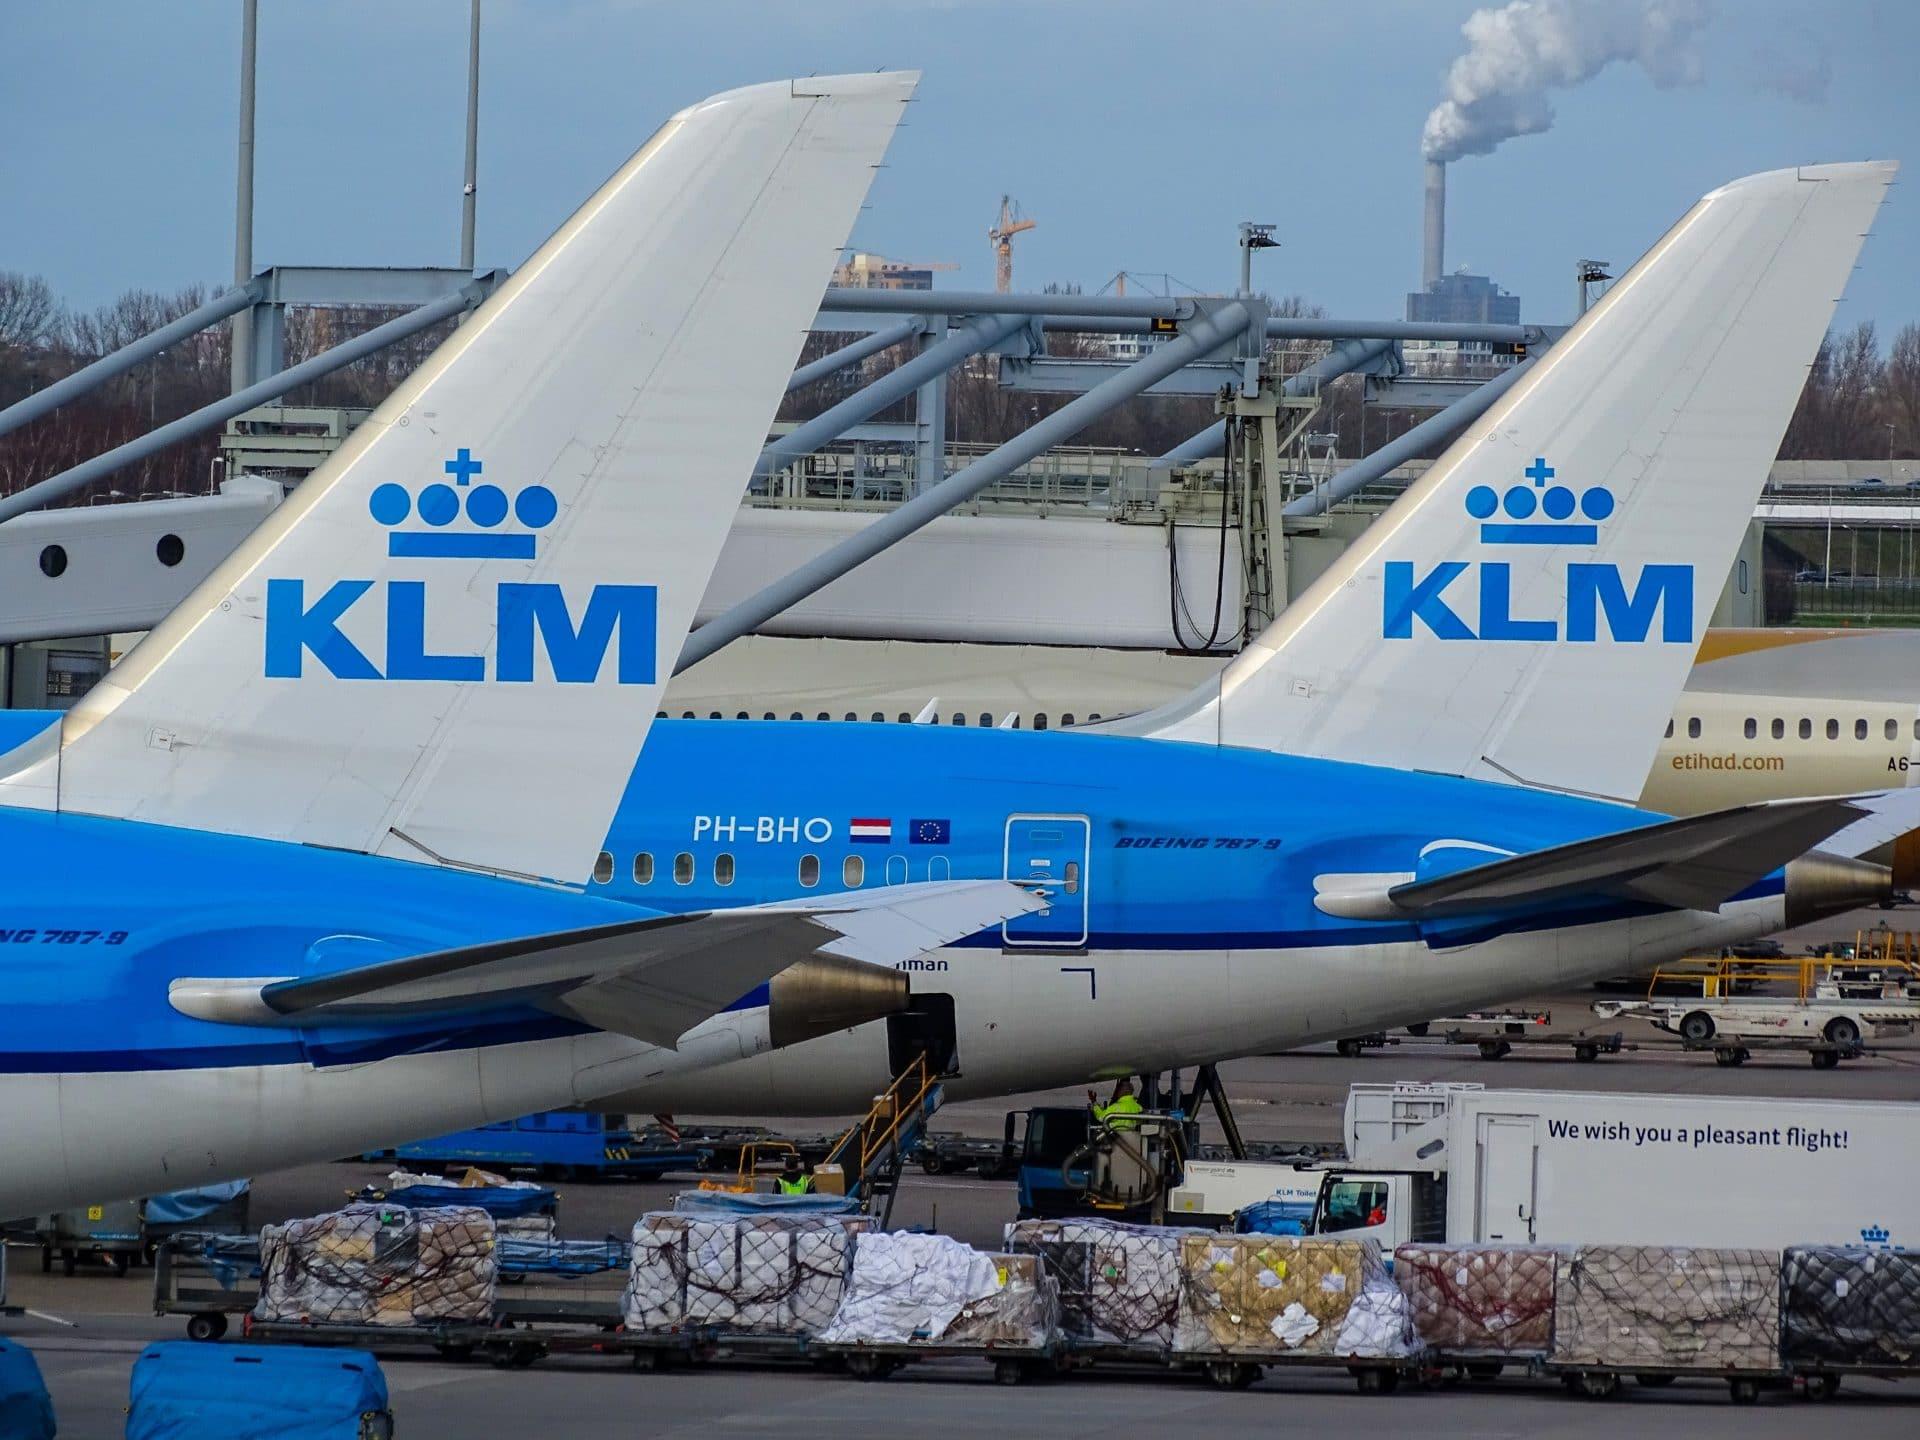 KLM-streicht-alle-Interkontinentalfl-ge-zahlreiche-Europafl-ge